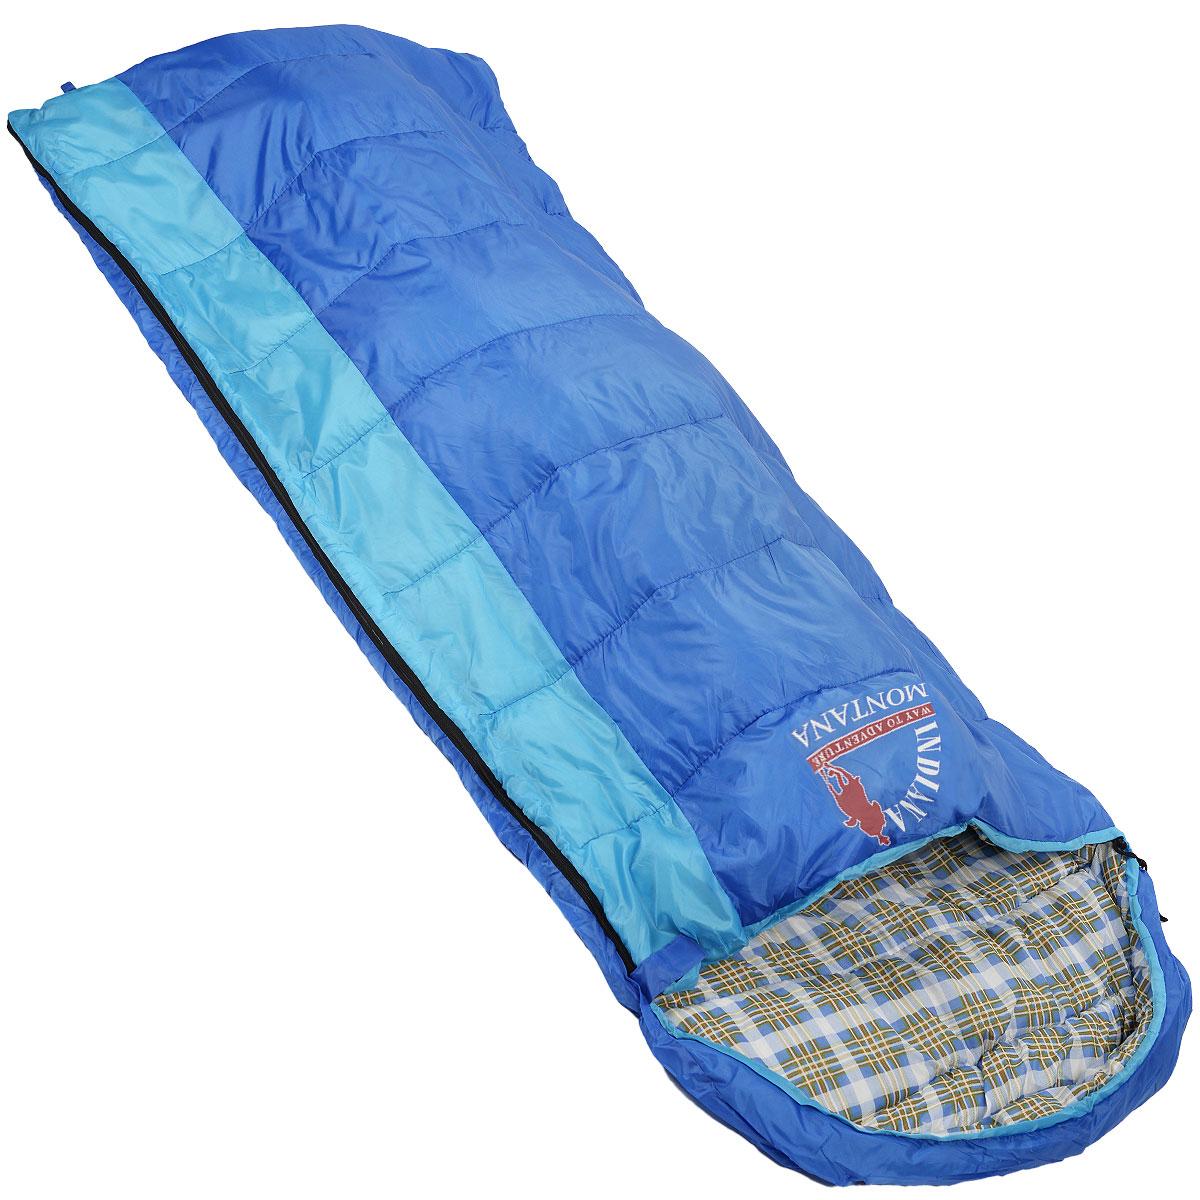 Спальный мешок-одеяло Indiana Montana L-zip от -4 C, цвет: синий, голубой, левосторонняя молния, 180+35 см х 90 см360700034Данная модель предусмотрена для холодного времени года, так как рассчитана на температуру до -4° C. Увеличенные размеры, возможность состегивания двух спальных мешков с правой и левой молнией, делают спальный мешок MONTANA оптимальным выбором для отдых а на природе, туризма и кемпинга в том числе и в холодное время года. Слой синтетического утеплителя контролирует терморегуляцию внутри спального мешка, поддерживая в нем необходимую температуру независимо от значения температуры окружающего воздуха. Коконообразная анатомическая форма обеспечивает плотное прилегание спального мешка, в то же время внутри него предусмотрено достаточно свободного места для комфортного сна. В сложенном виде мешок занимает очень мало места и весит совсем не много. Тип спального мешка: одеяло с капюшоном. Внешний материал: полиэстер. Внутренний материал: полиэстер.